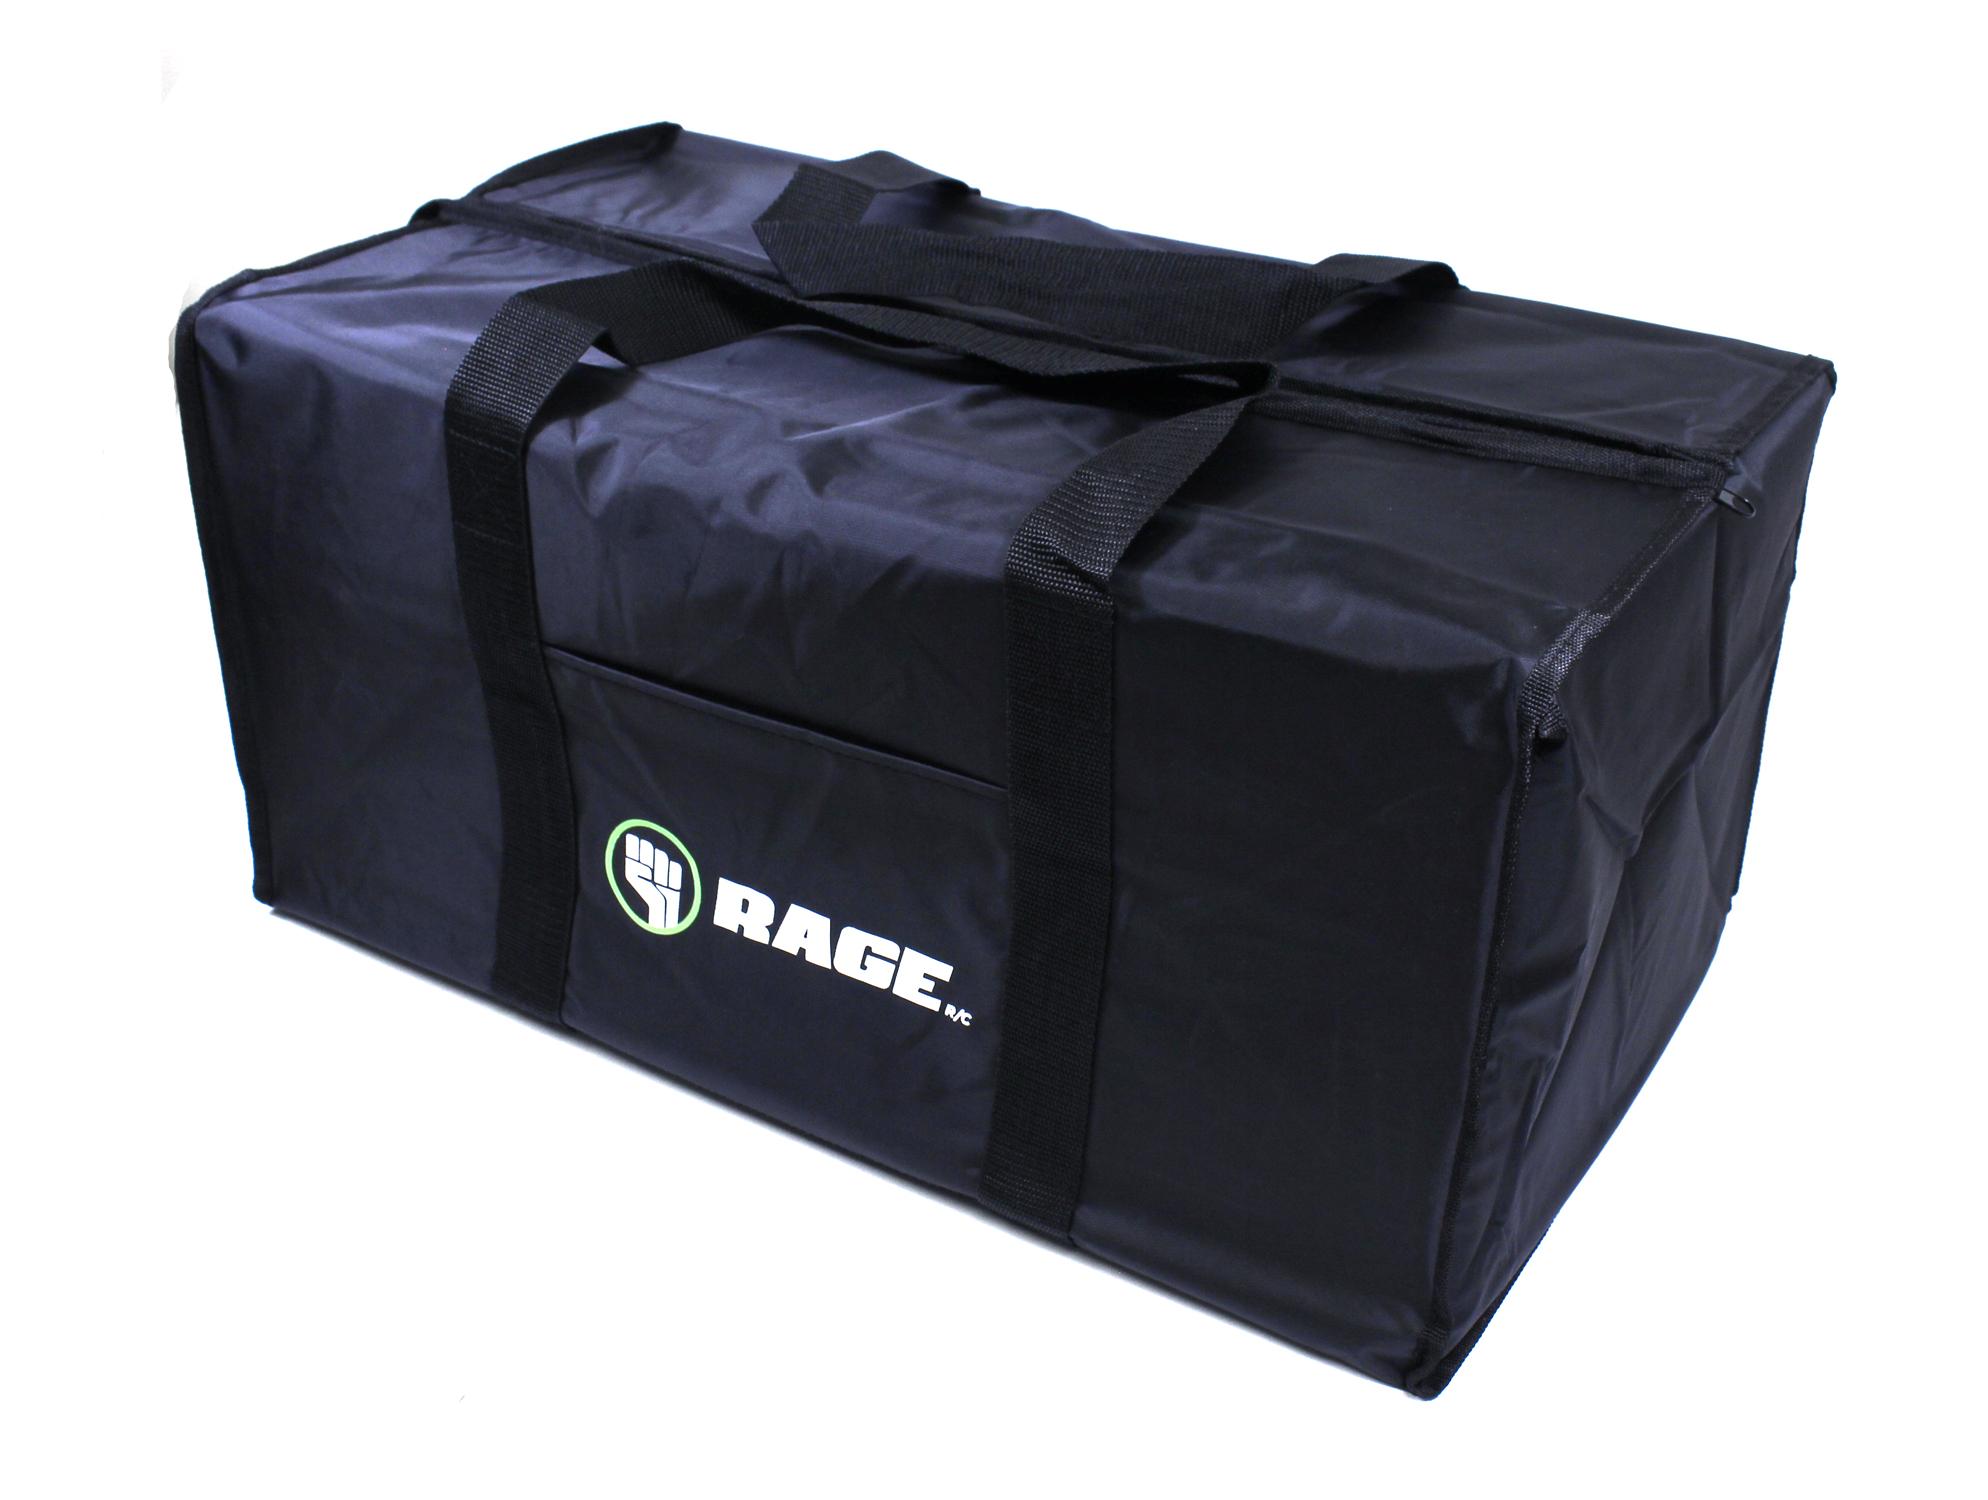 Gear Bag-Large; Black